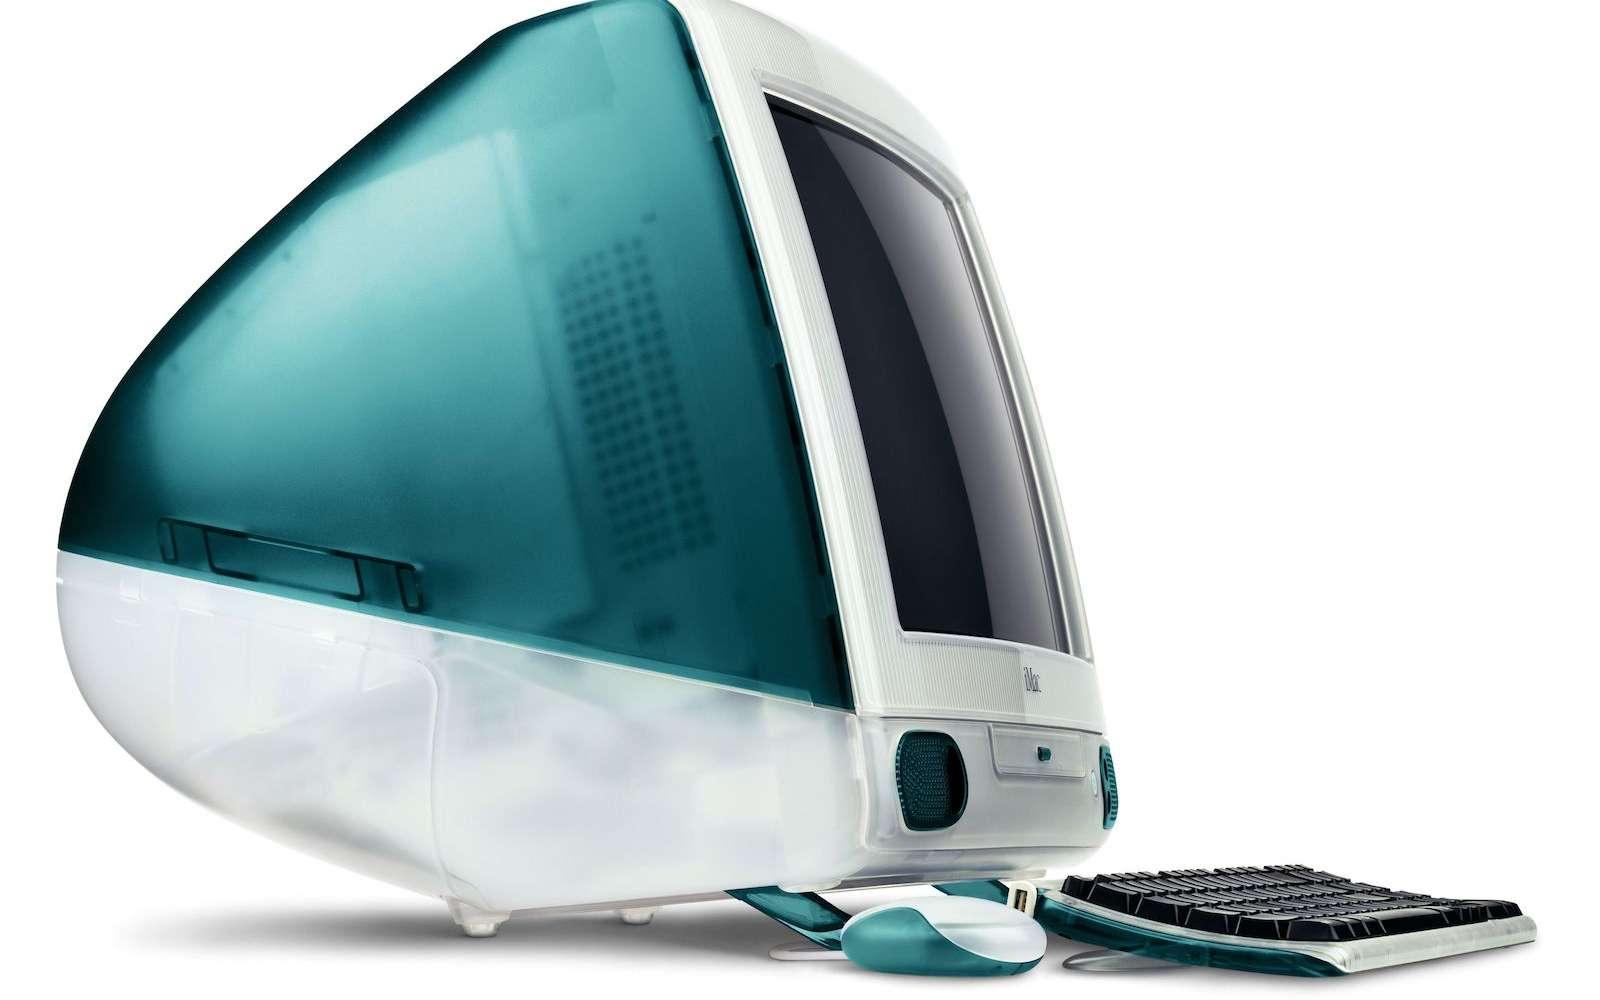 Avec d'innombrables objets iconiques dans son portfolio, le designer Jony Ive quitte son poste à Apple. © Apple